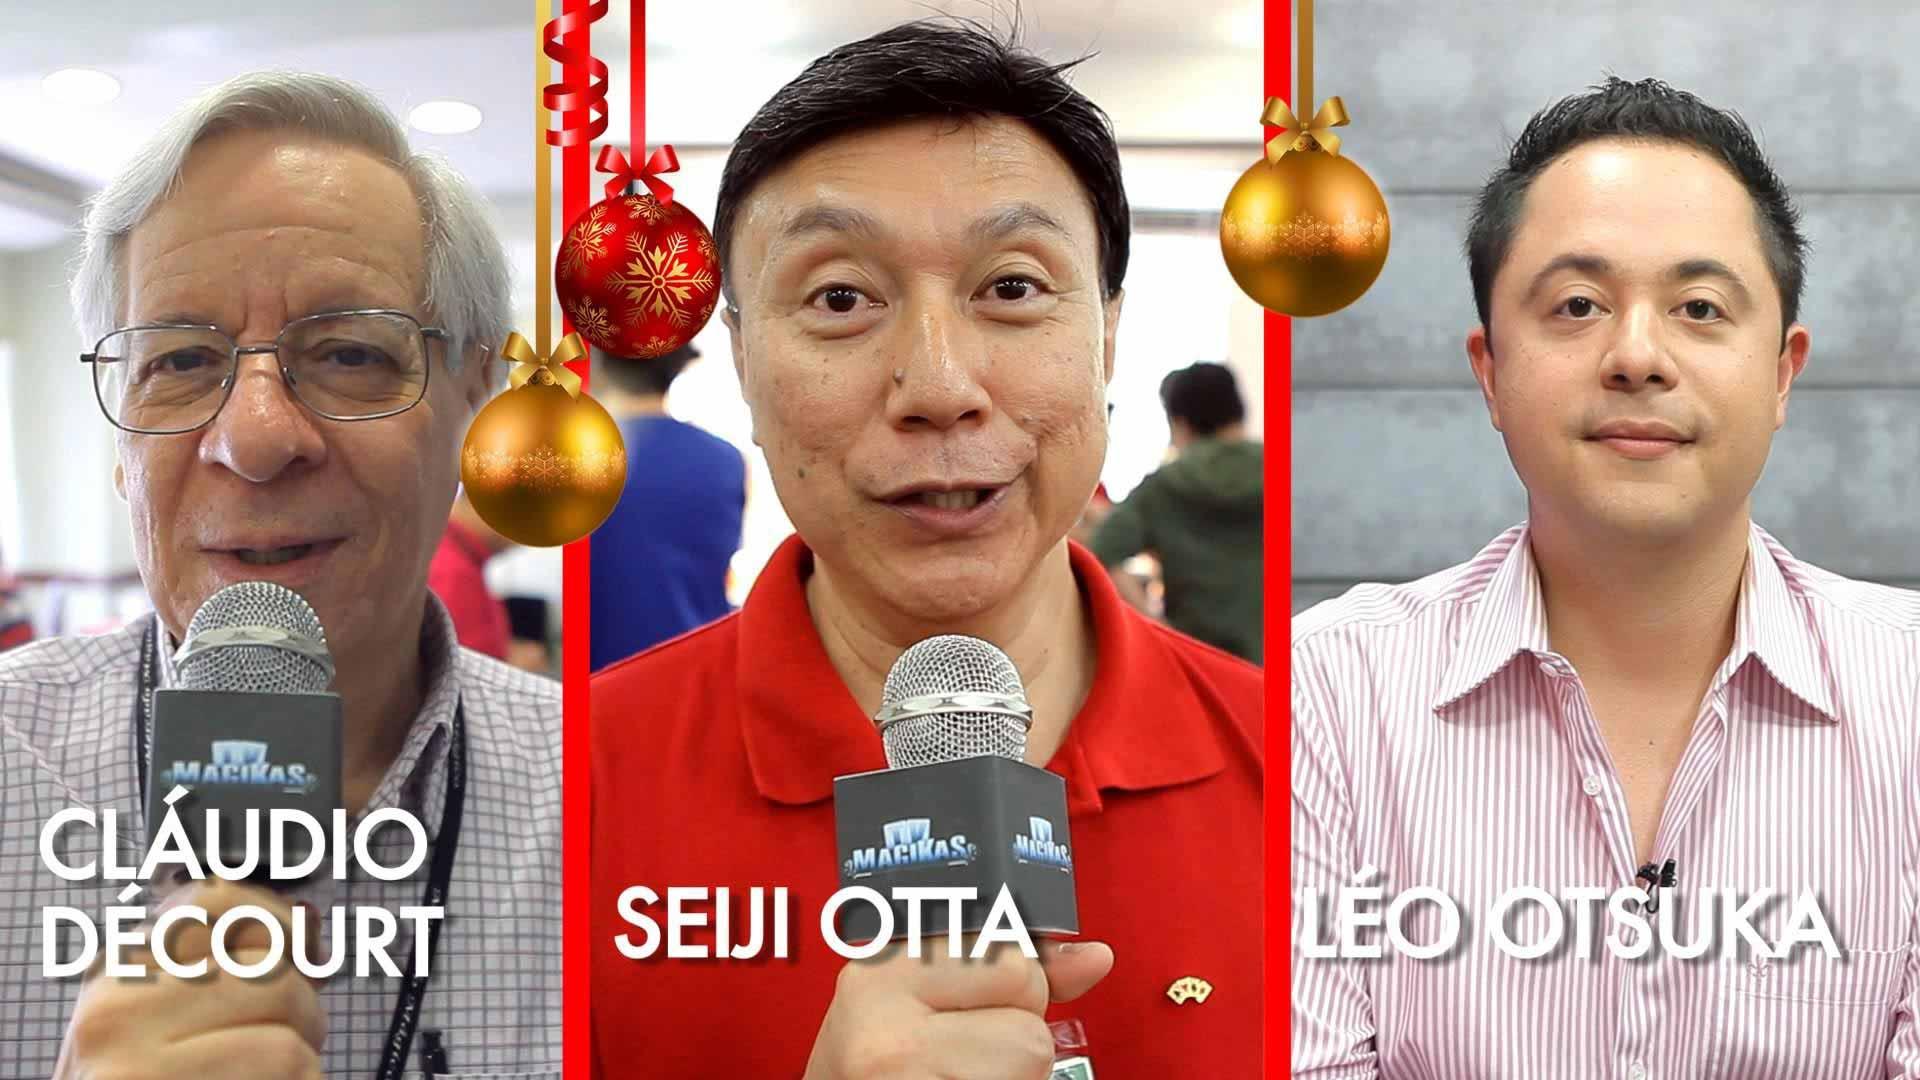 Léo Otsuka, Cláudio Décourt e Seiji Otta em A mágica em 2015